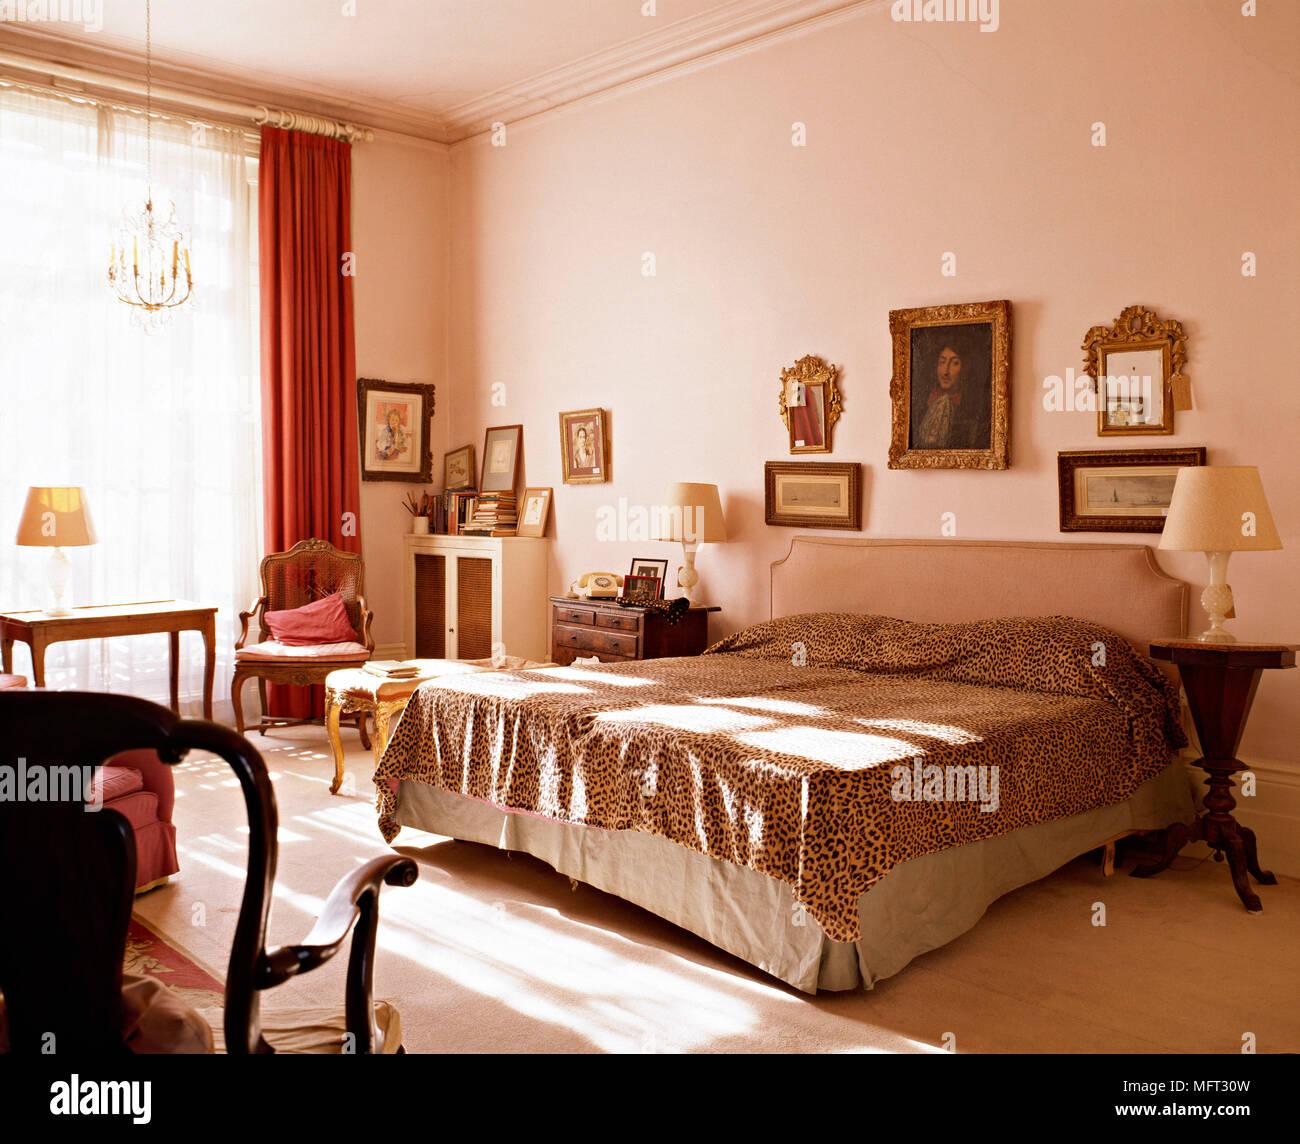 Camera da letto tradizionale poltrona letto;s comodino lampade tende ...